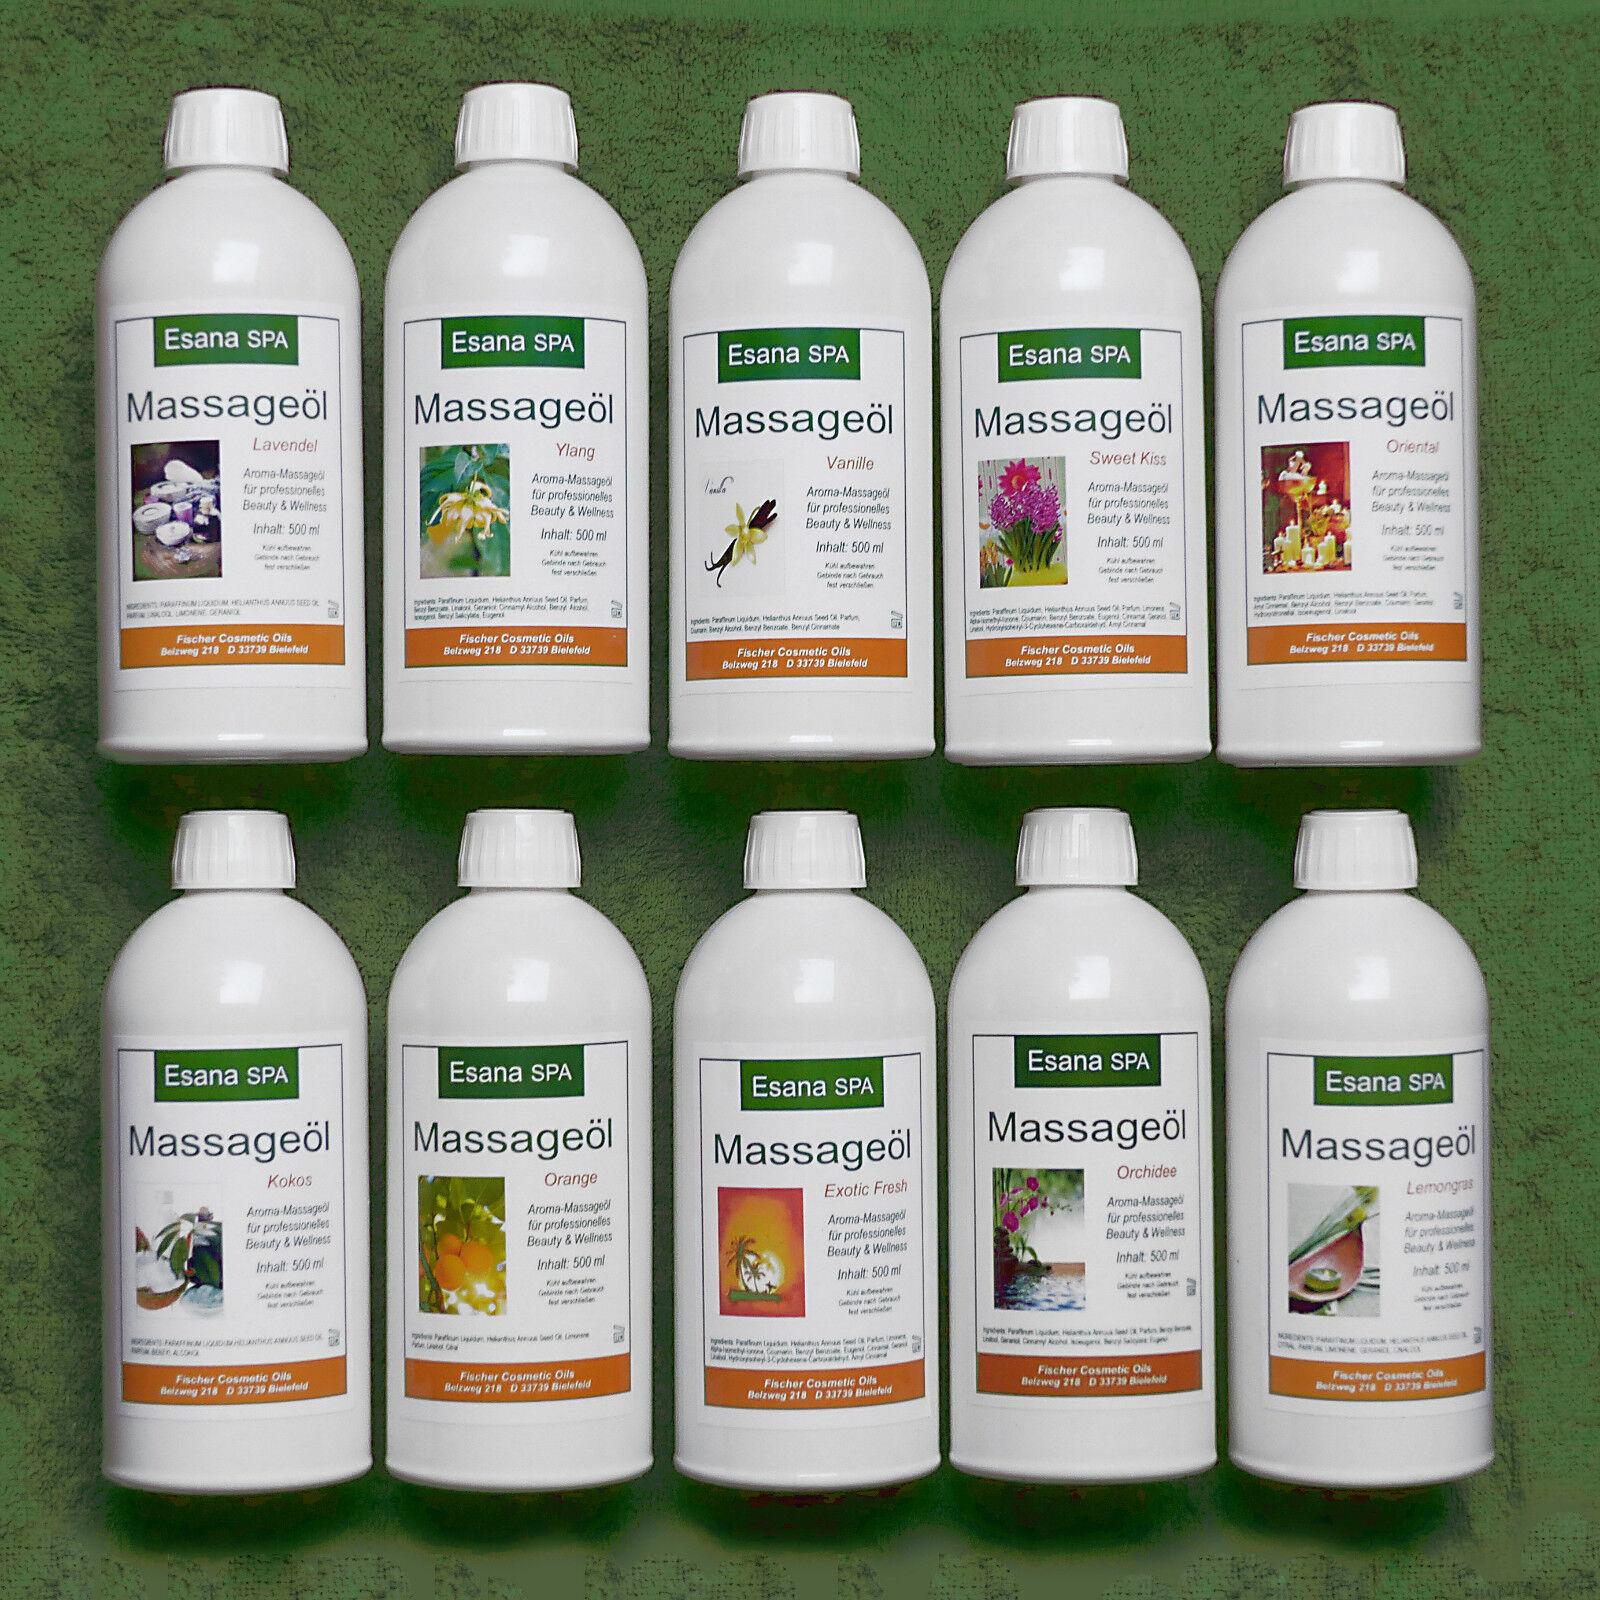 Esana SPA, exkl. Aroma Massageöl für professionelle Wellness, 0,5 bis 5 Liter